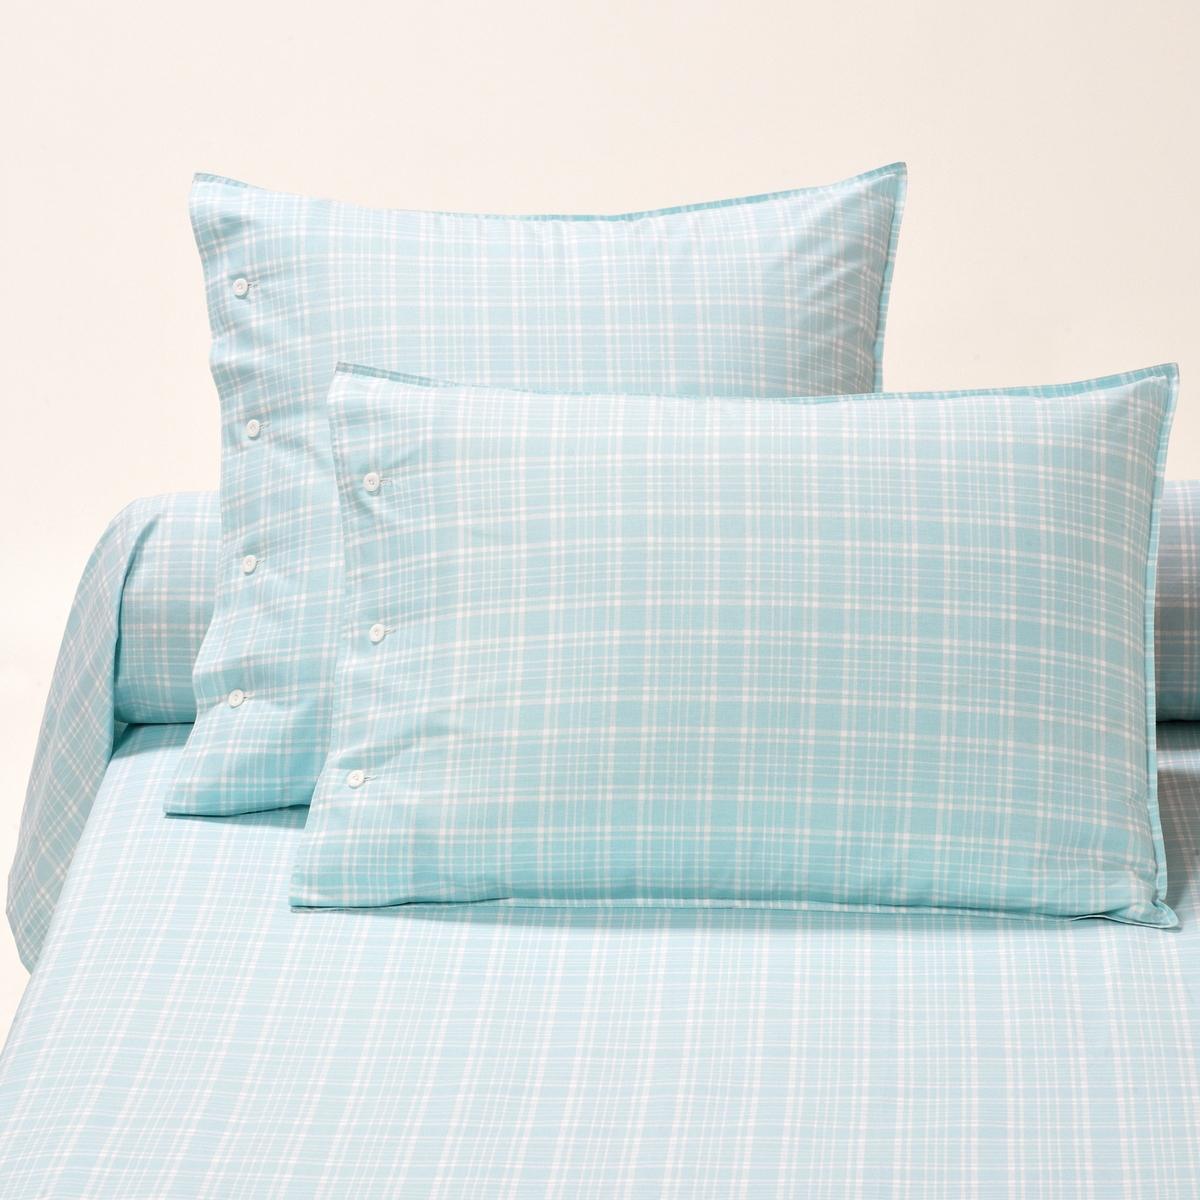 Наволочки на подушку и подушку-валик, PORTLANDНаволочки на подушку в форме мешка (квадратная и прямоугольная) и наволочка на подушку-валик Portland с рисунком в клетку, в строгом, изящном и легком стиле. Сочетается с постельным бельем Richmond и Newport. Характеристики наволочек на подушку и наволочки на подушку-валик Portland :- Рисунок в белую клетку на синем фоне.- Застежка на пуговицы.- 100% хлопка (57 нитей/см?). Чем больше плотность переплетения нитей/см?, тем качественнее материал.- Двойная строчка.- Сохраняет цвет при стирке при 60 °C.- Знак Oeko-Tex® гарантирует, что товары протестированы и сертифицированы, не содержат вредных веществ, которые могли бы нанести вред здоровью. Соотношения размеров наволочек на подушку и наволочки на подушку-валик :50 x 70 см : прямоугольная наволочка63 x 63 см : квадратная наволочка85 x 185 см : наволочка на подушку-валикОткройте для себя всю коллекцию постельного белья, нажав PORTLAND<br><br>Цвет: синий/ белый<br>Размер: 50 x 70  см.63 x 63  см